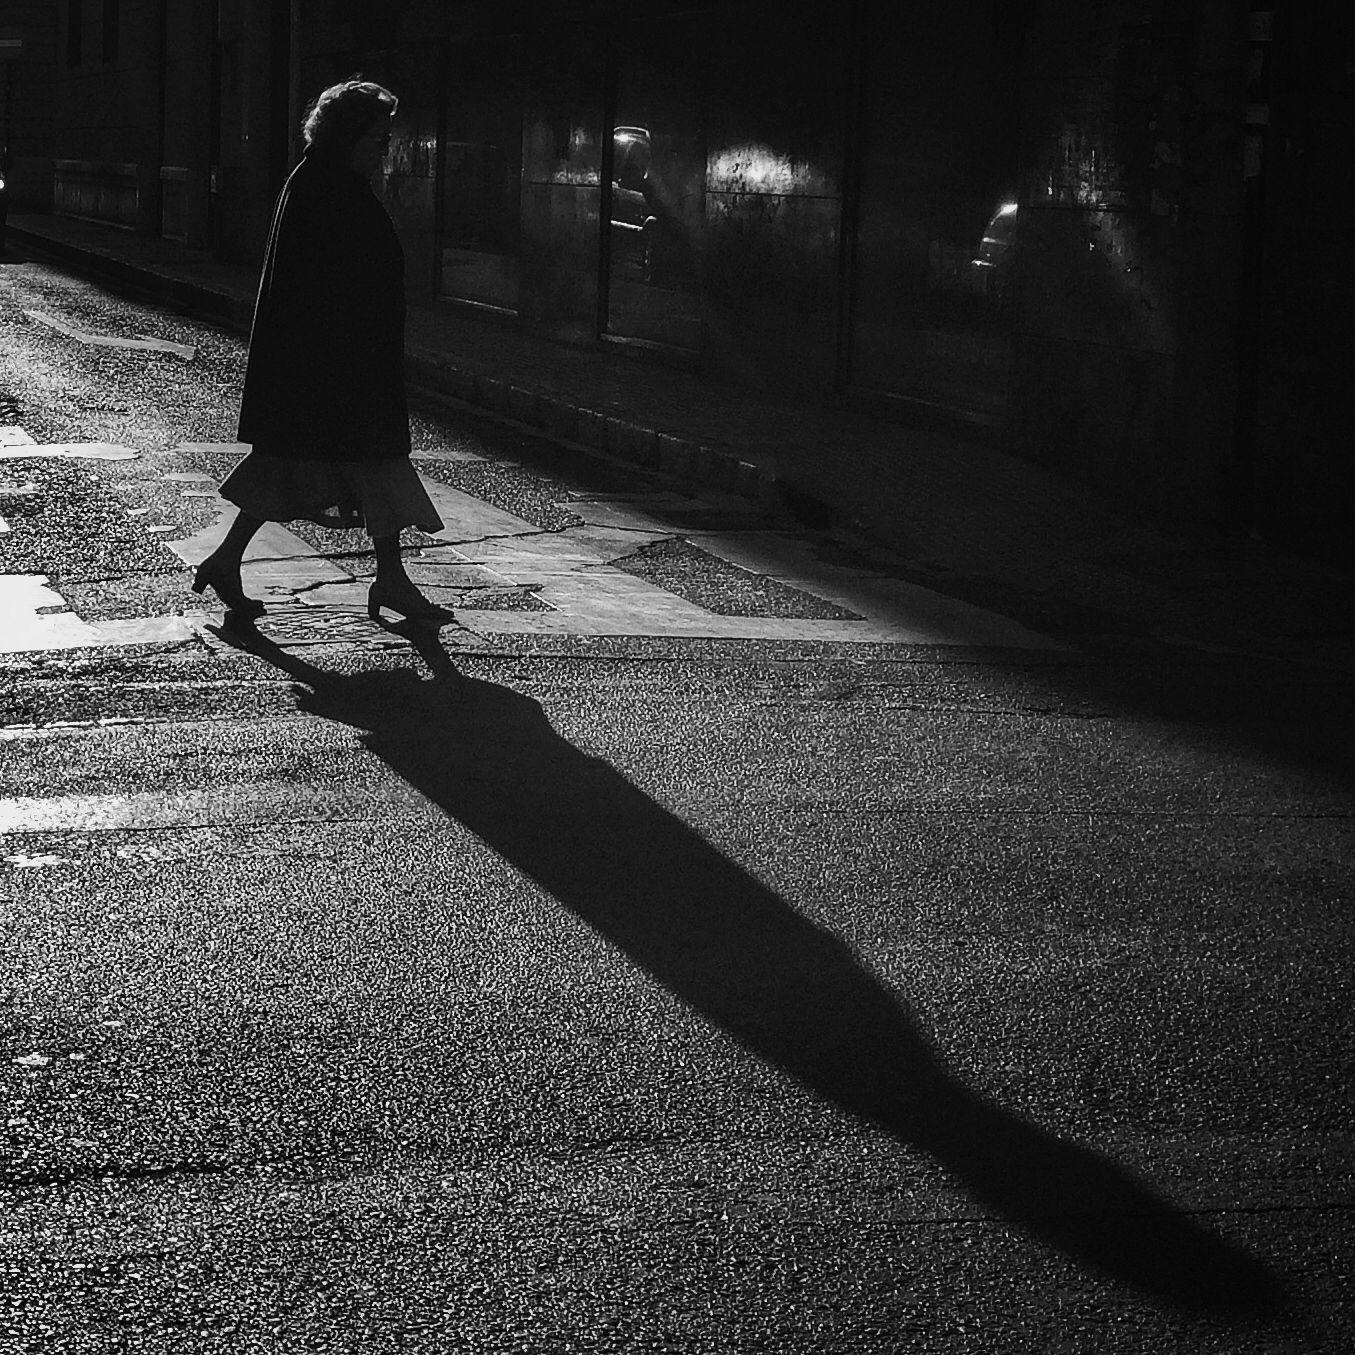 Paseando mi sombra